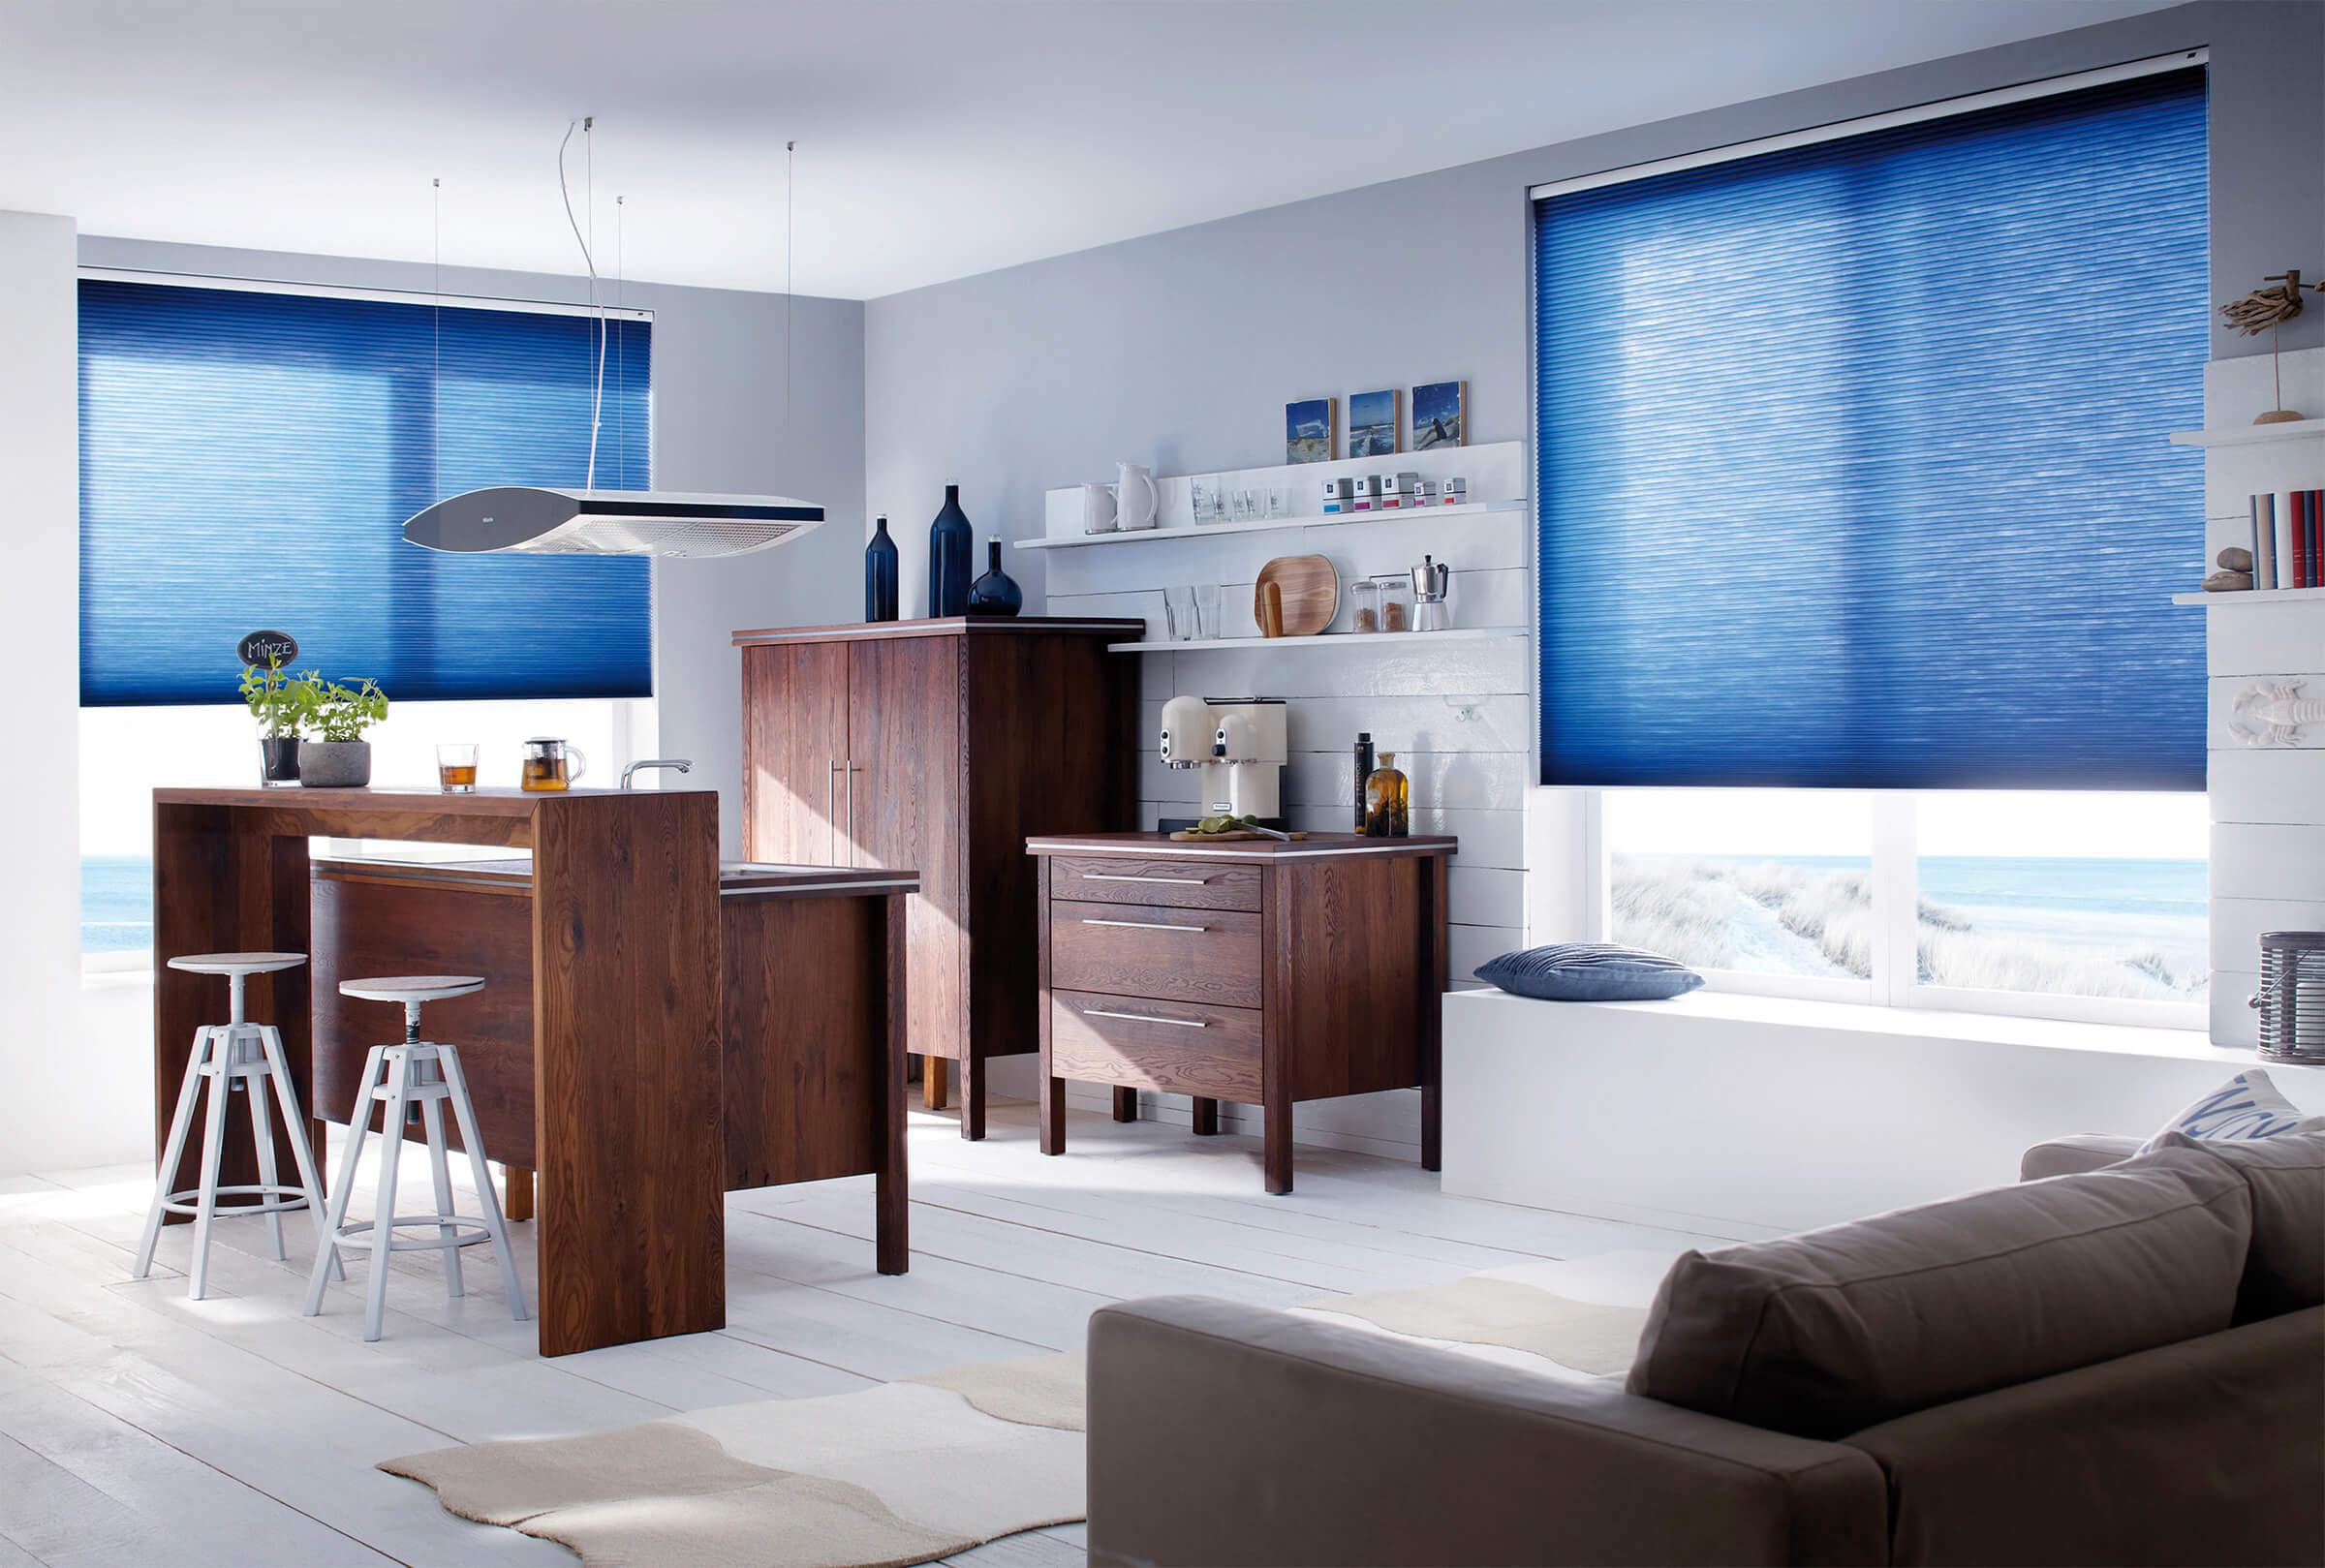 Elektrische Wabenplissees Farbe blau in der Küche